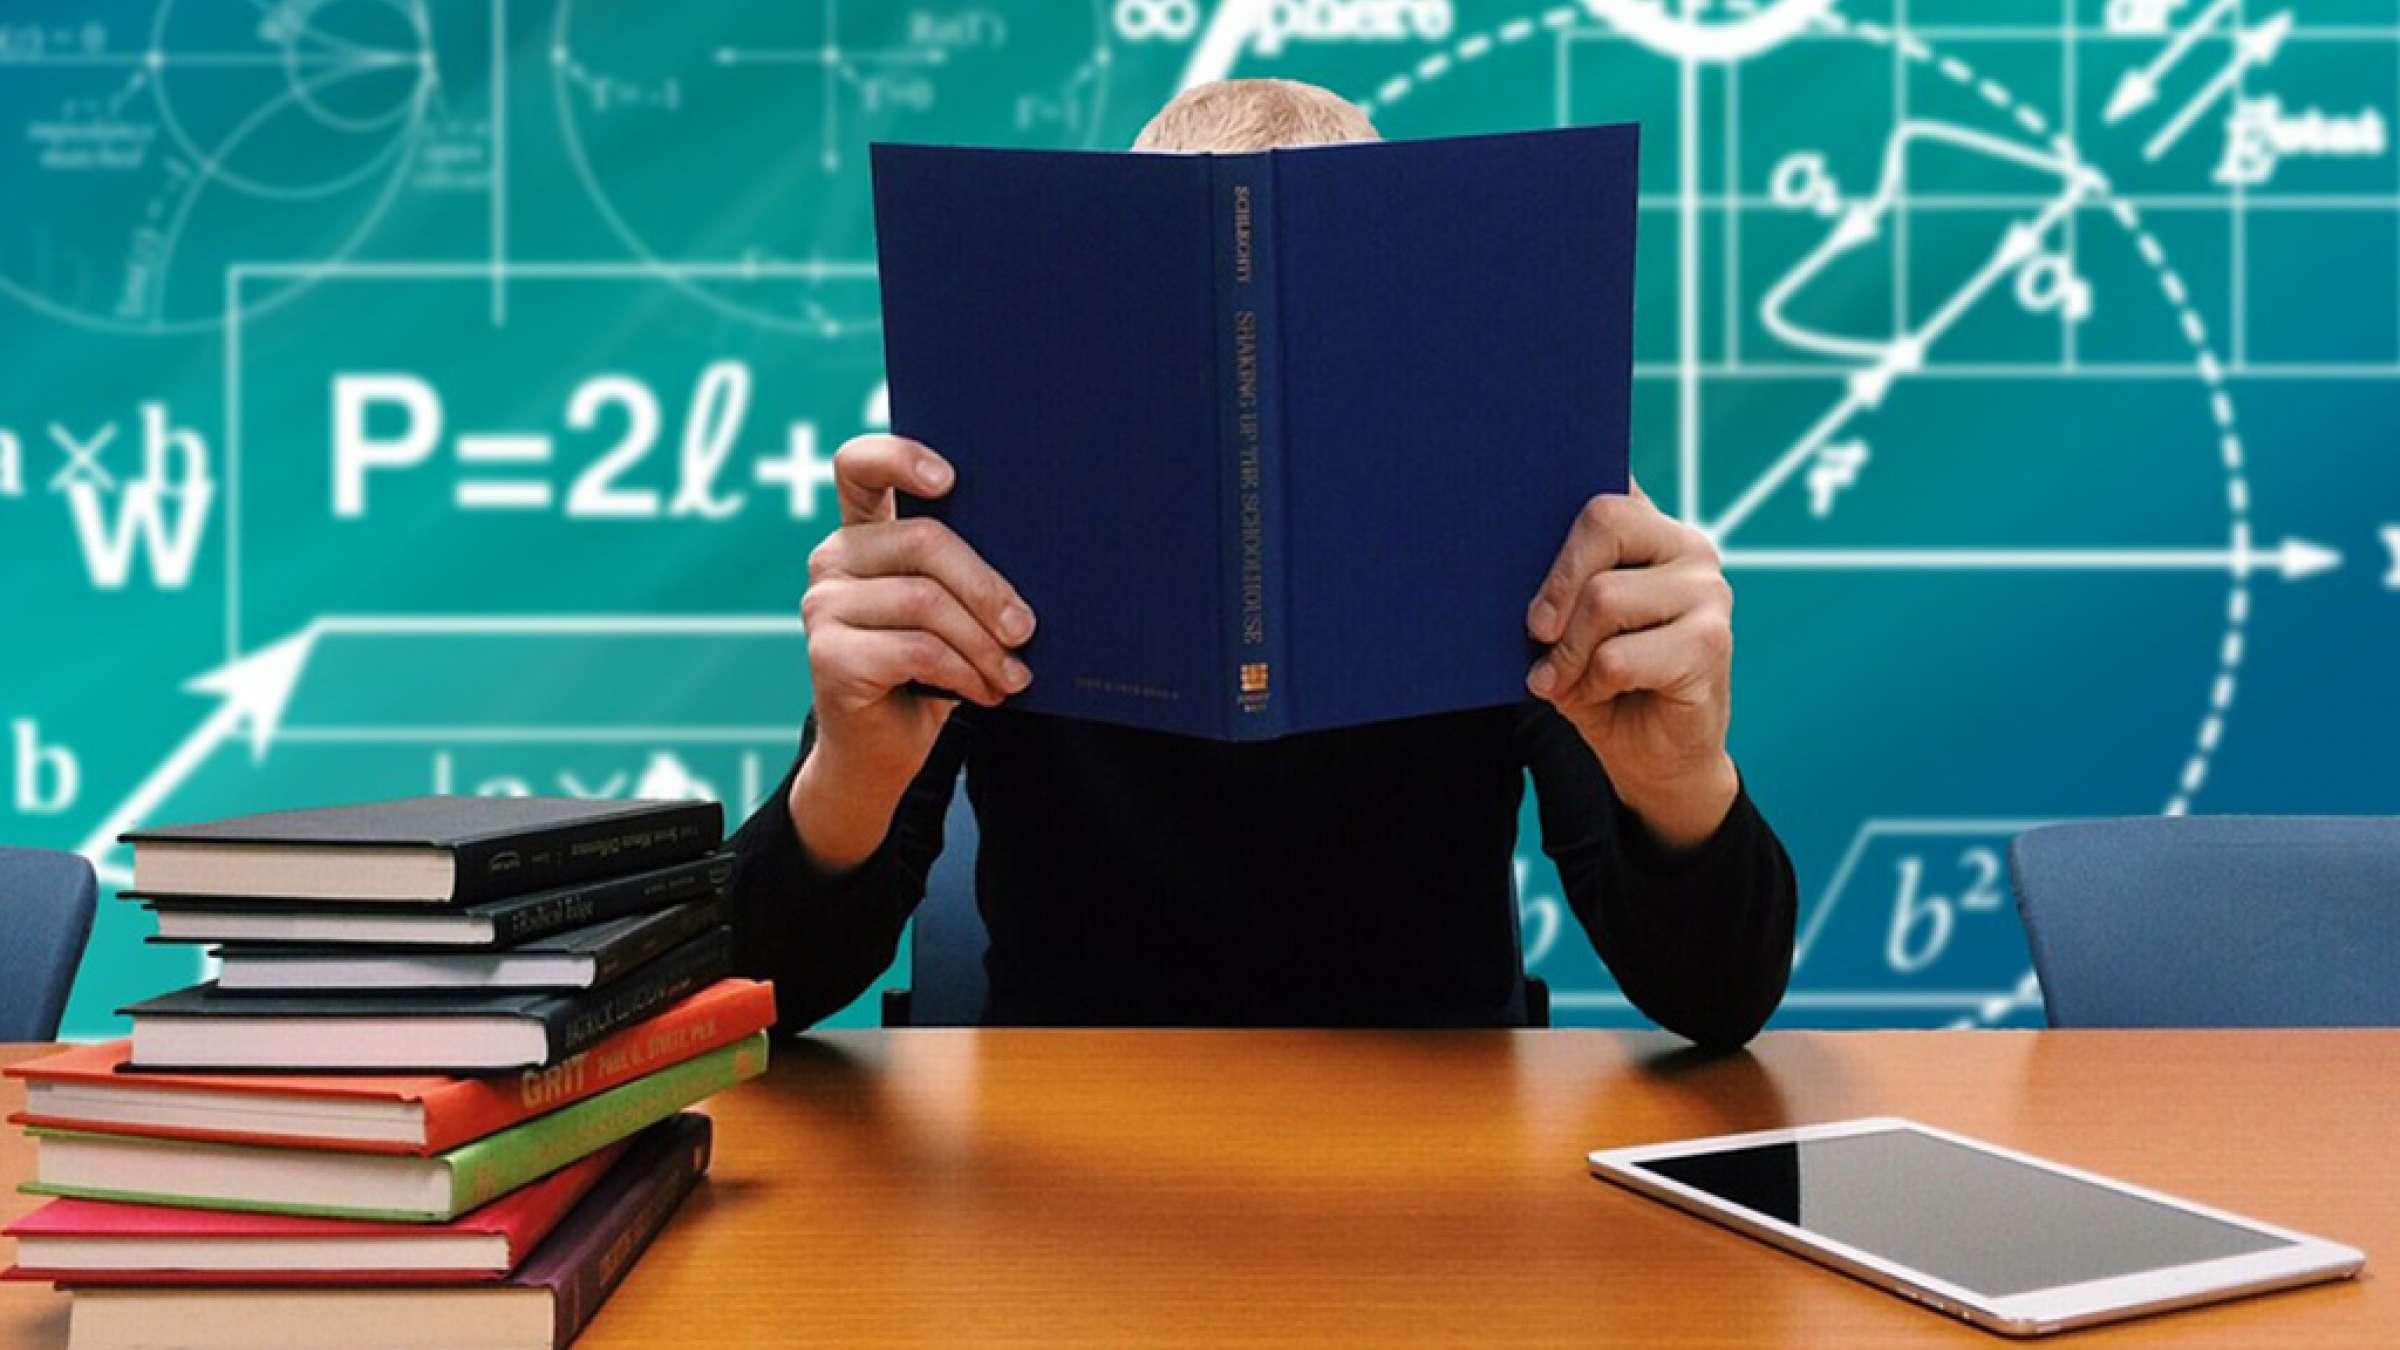 education-leila-kazemzadeh-test-emtehan